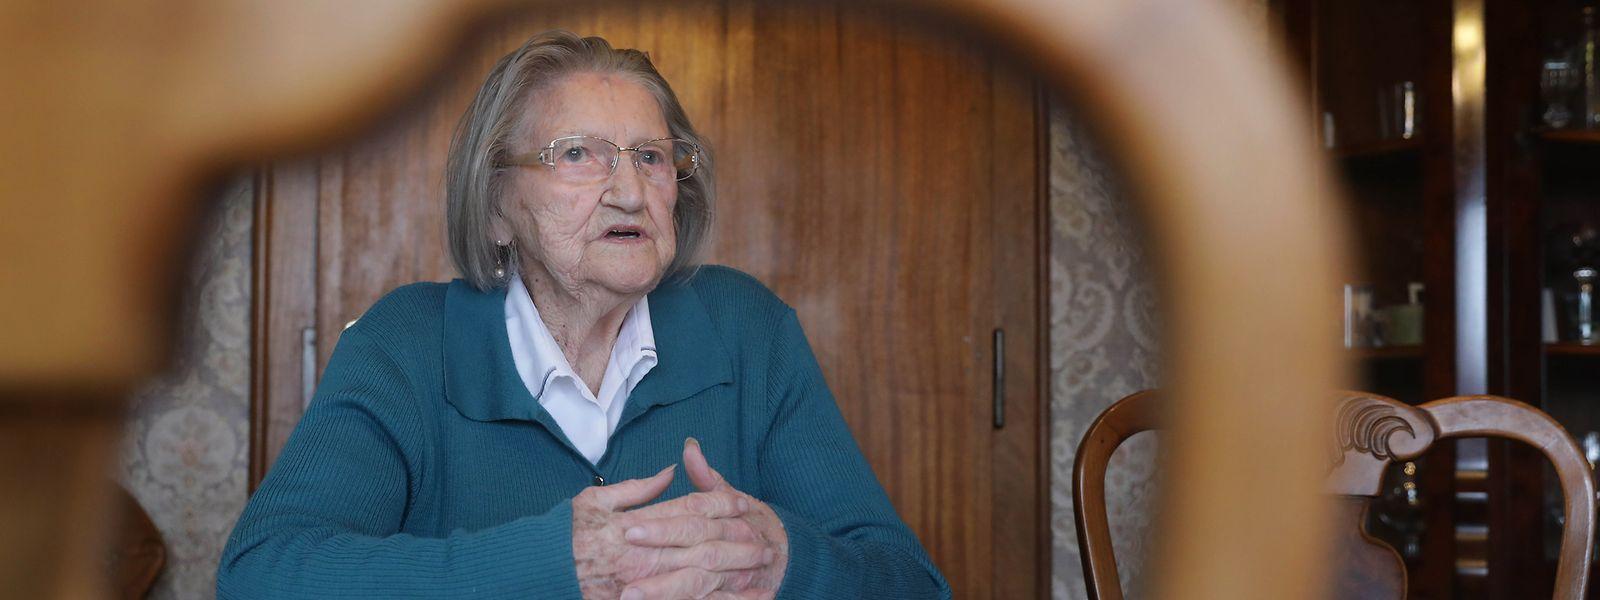 In ihren 100 Lebensjahren hat Pauline Blasius vieles erlebt. Beim Erzählen wird so manche Erinnerung geweckt.